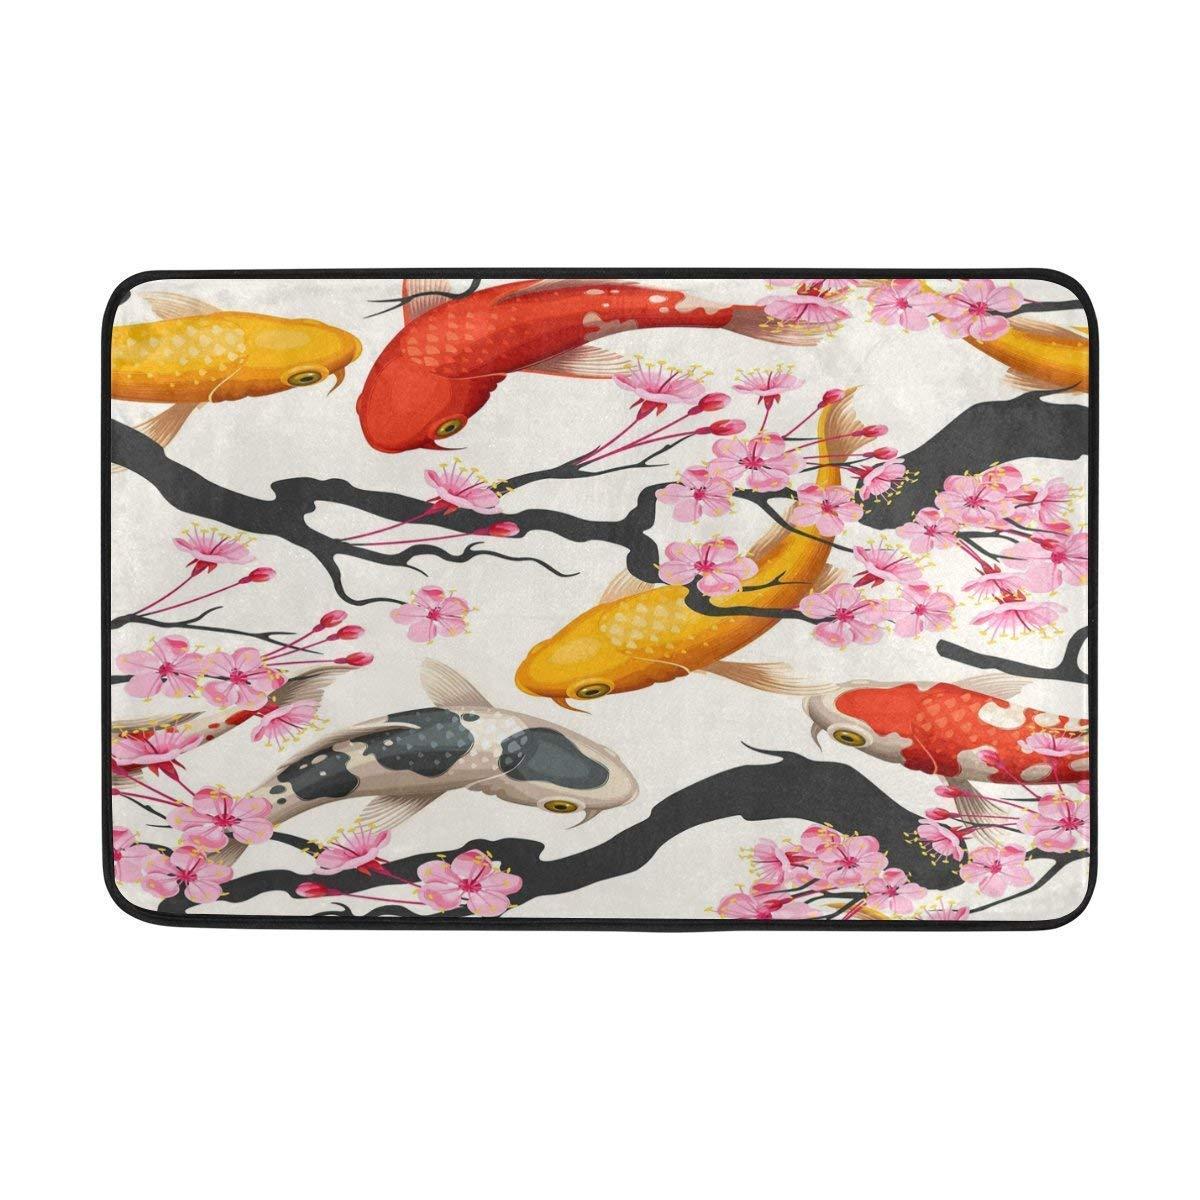 Yuerb Felpudos Japanese Koi Fish Sakura Doormat Indoor Outdoor Mat Non Slip Polyester for Door Kitchen Bedroom Garden,15.7''x23.6''